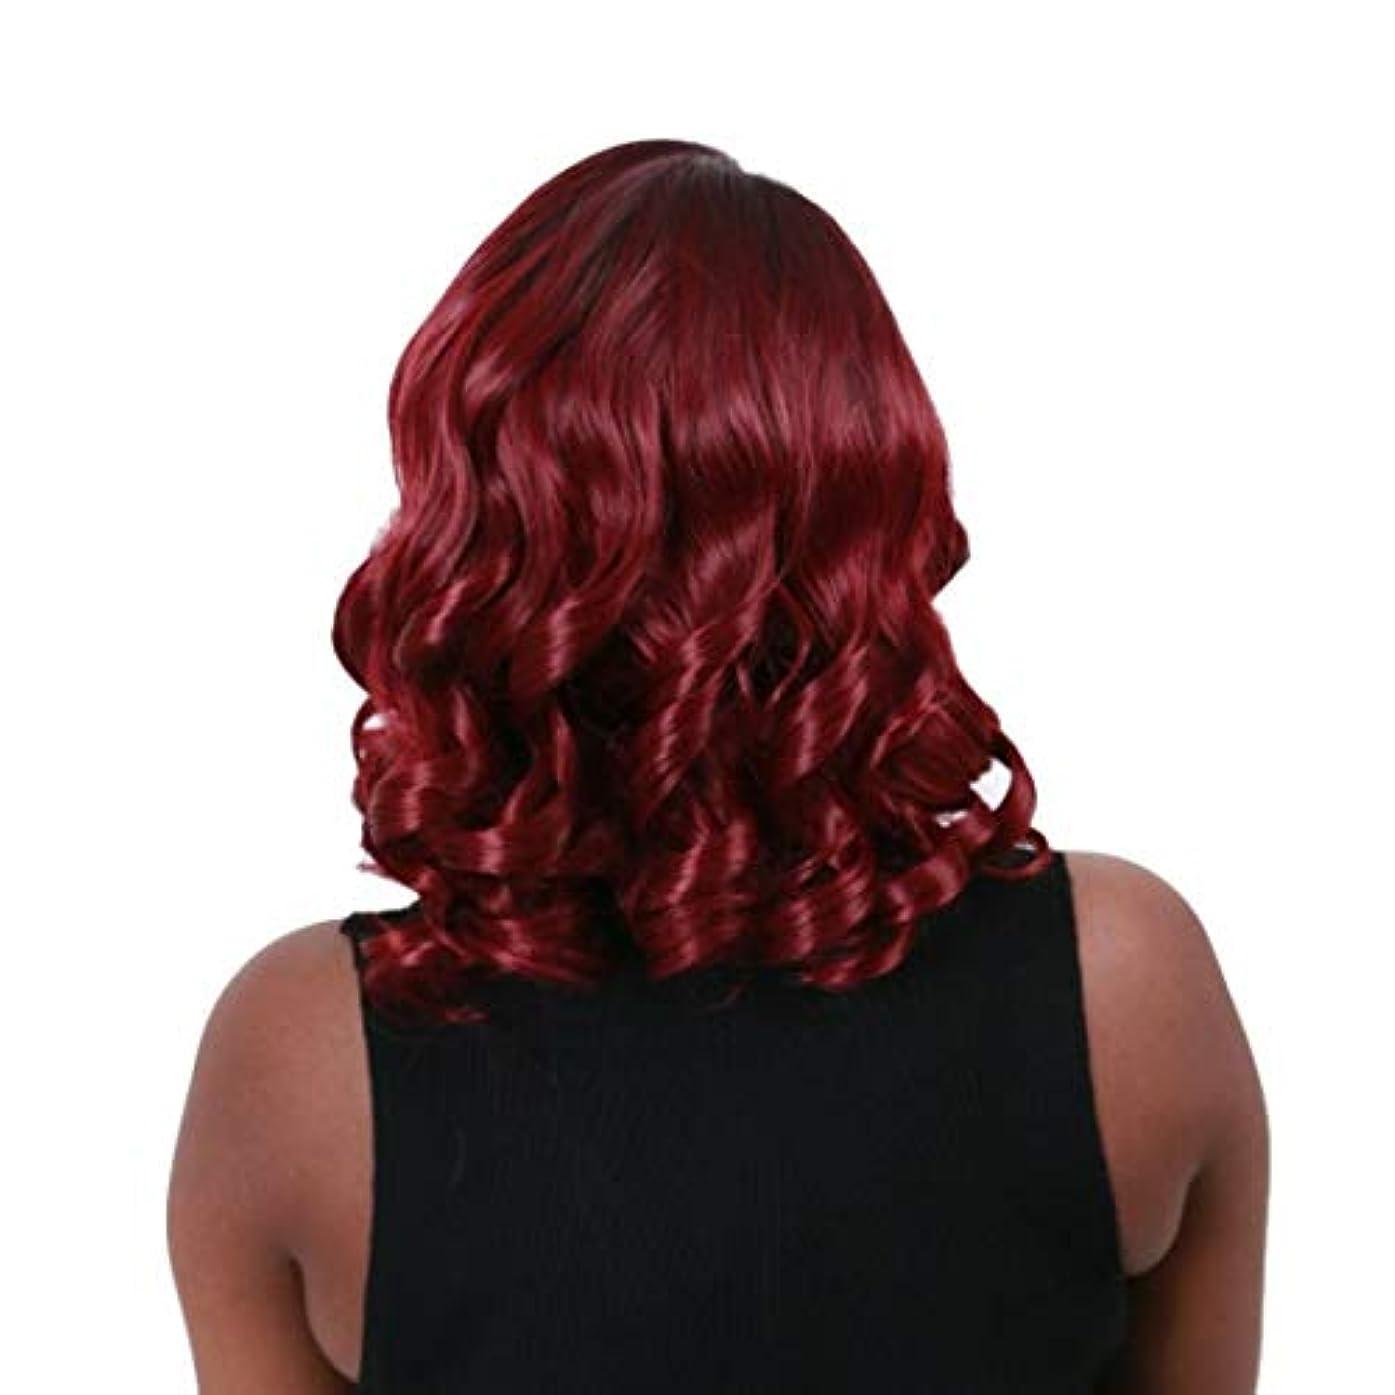 リード代替案白いKerwinner 女性のための短い波状の合成かつらかつら短いふわふわボブ変態